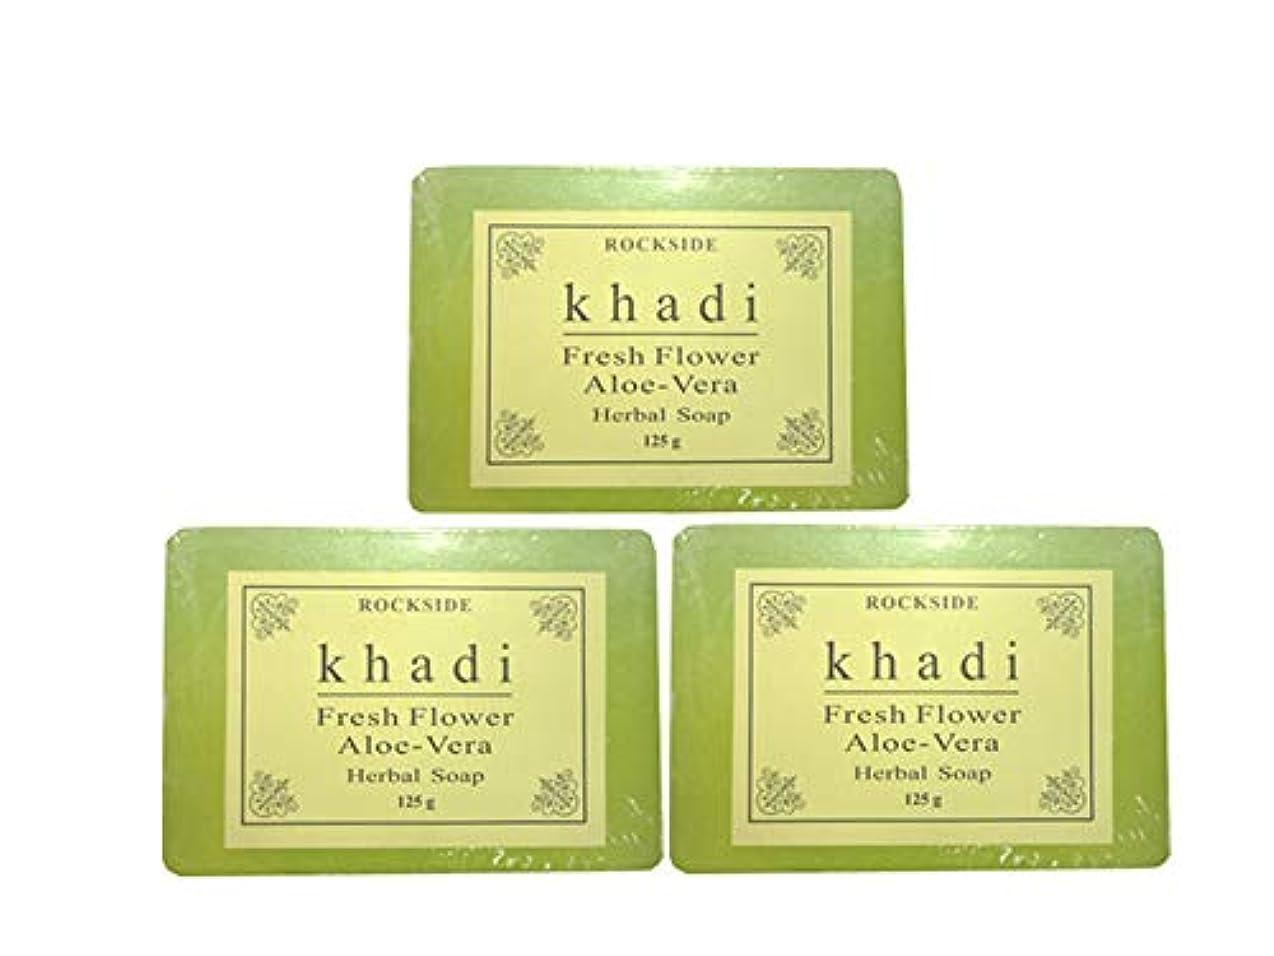 ブラウス無一文世代手作り  カーディ フレッシュフラワー2 ハーバルソープ Khadi Fresh Flower Aloe-Vera Herbal Soap 3個SET